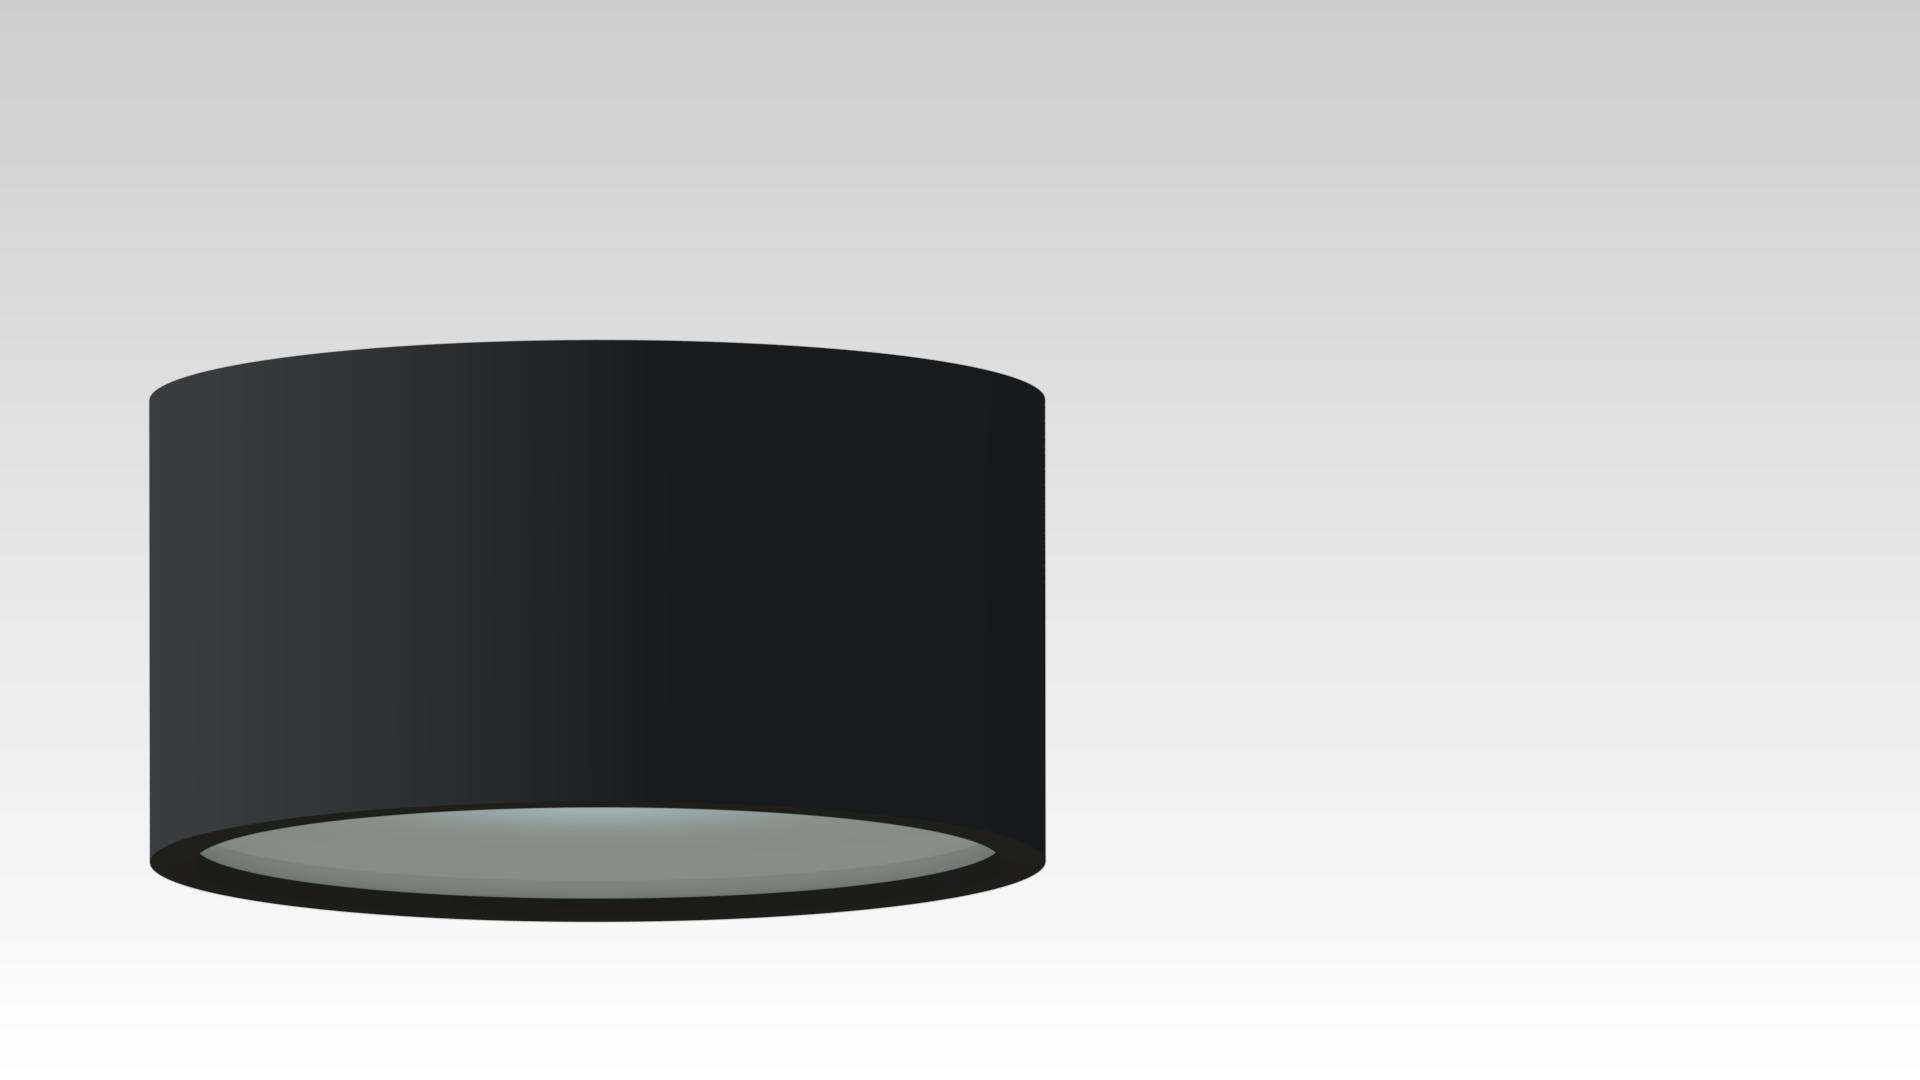 светильник потолочный накладной круглый черный